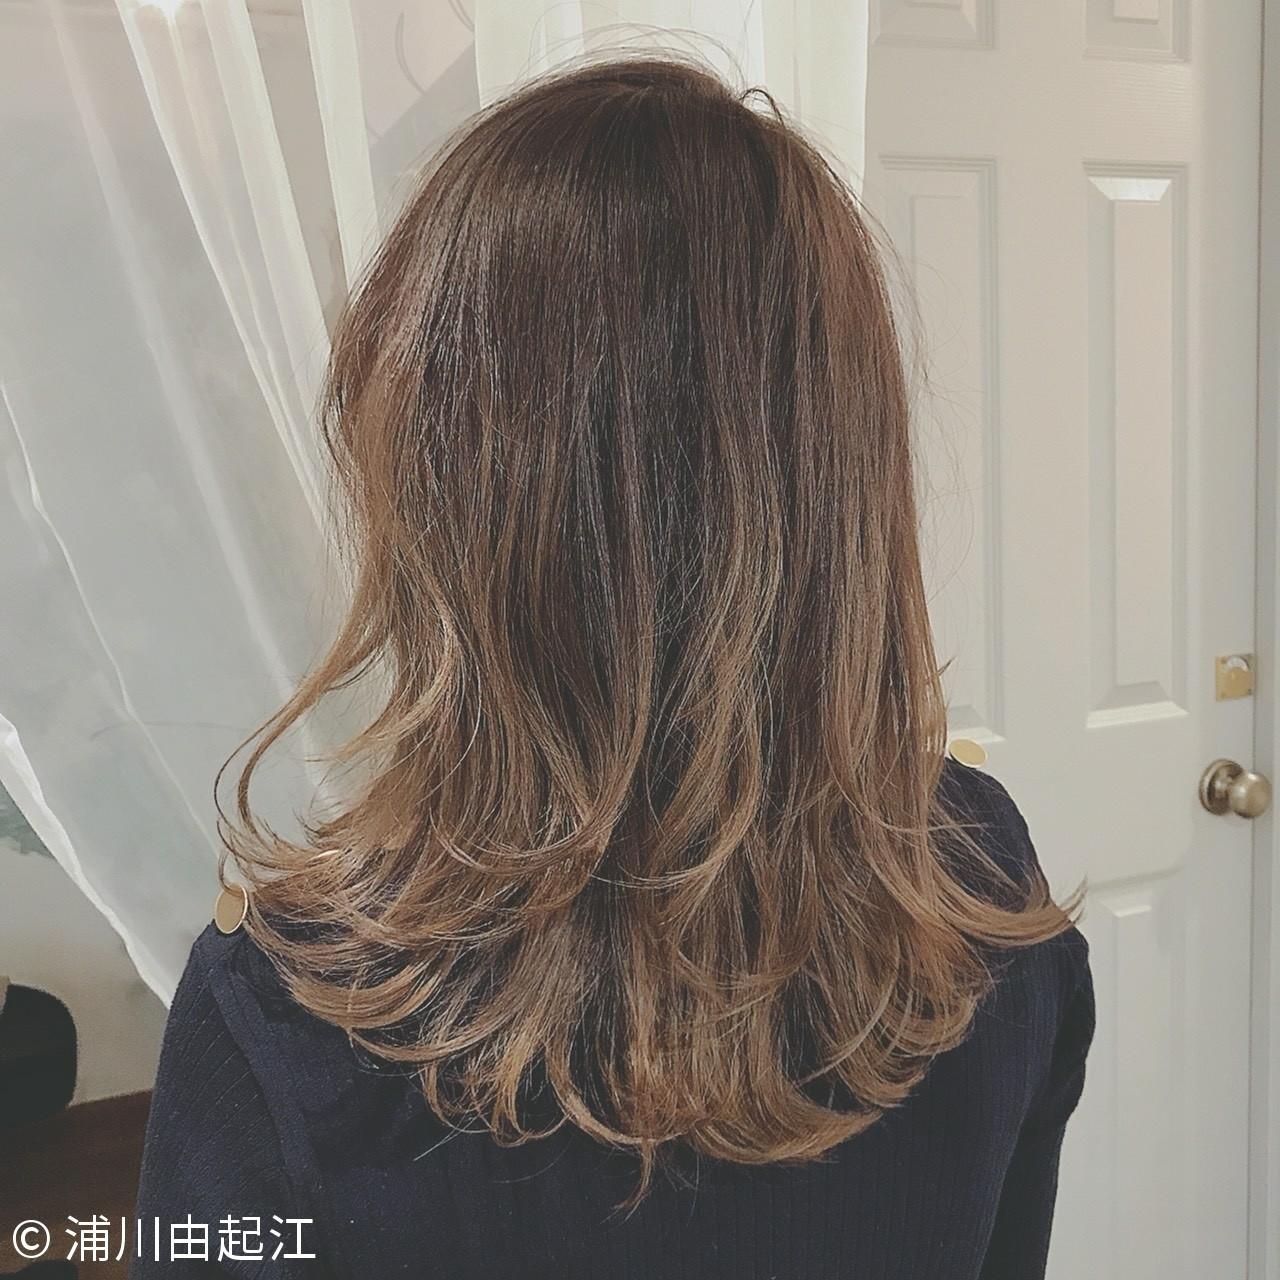 エレガント 秋冬スタイル セミロング 大人かわいい ヘアスタイルや髪型の写真・画像